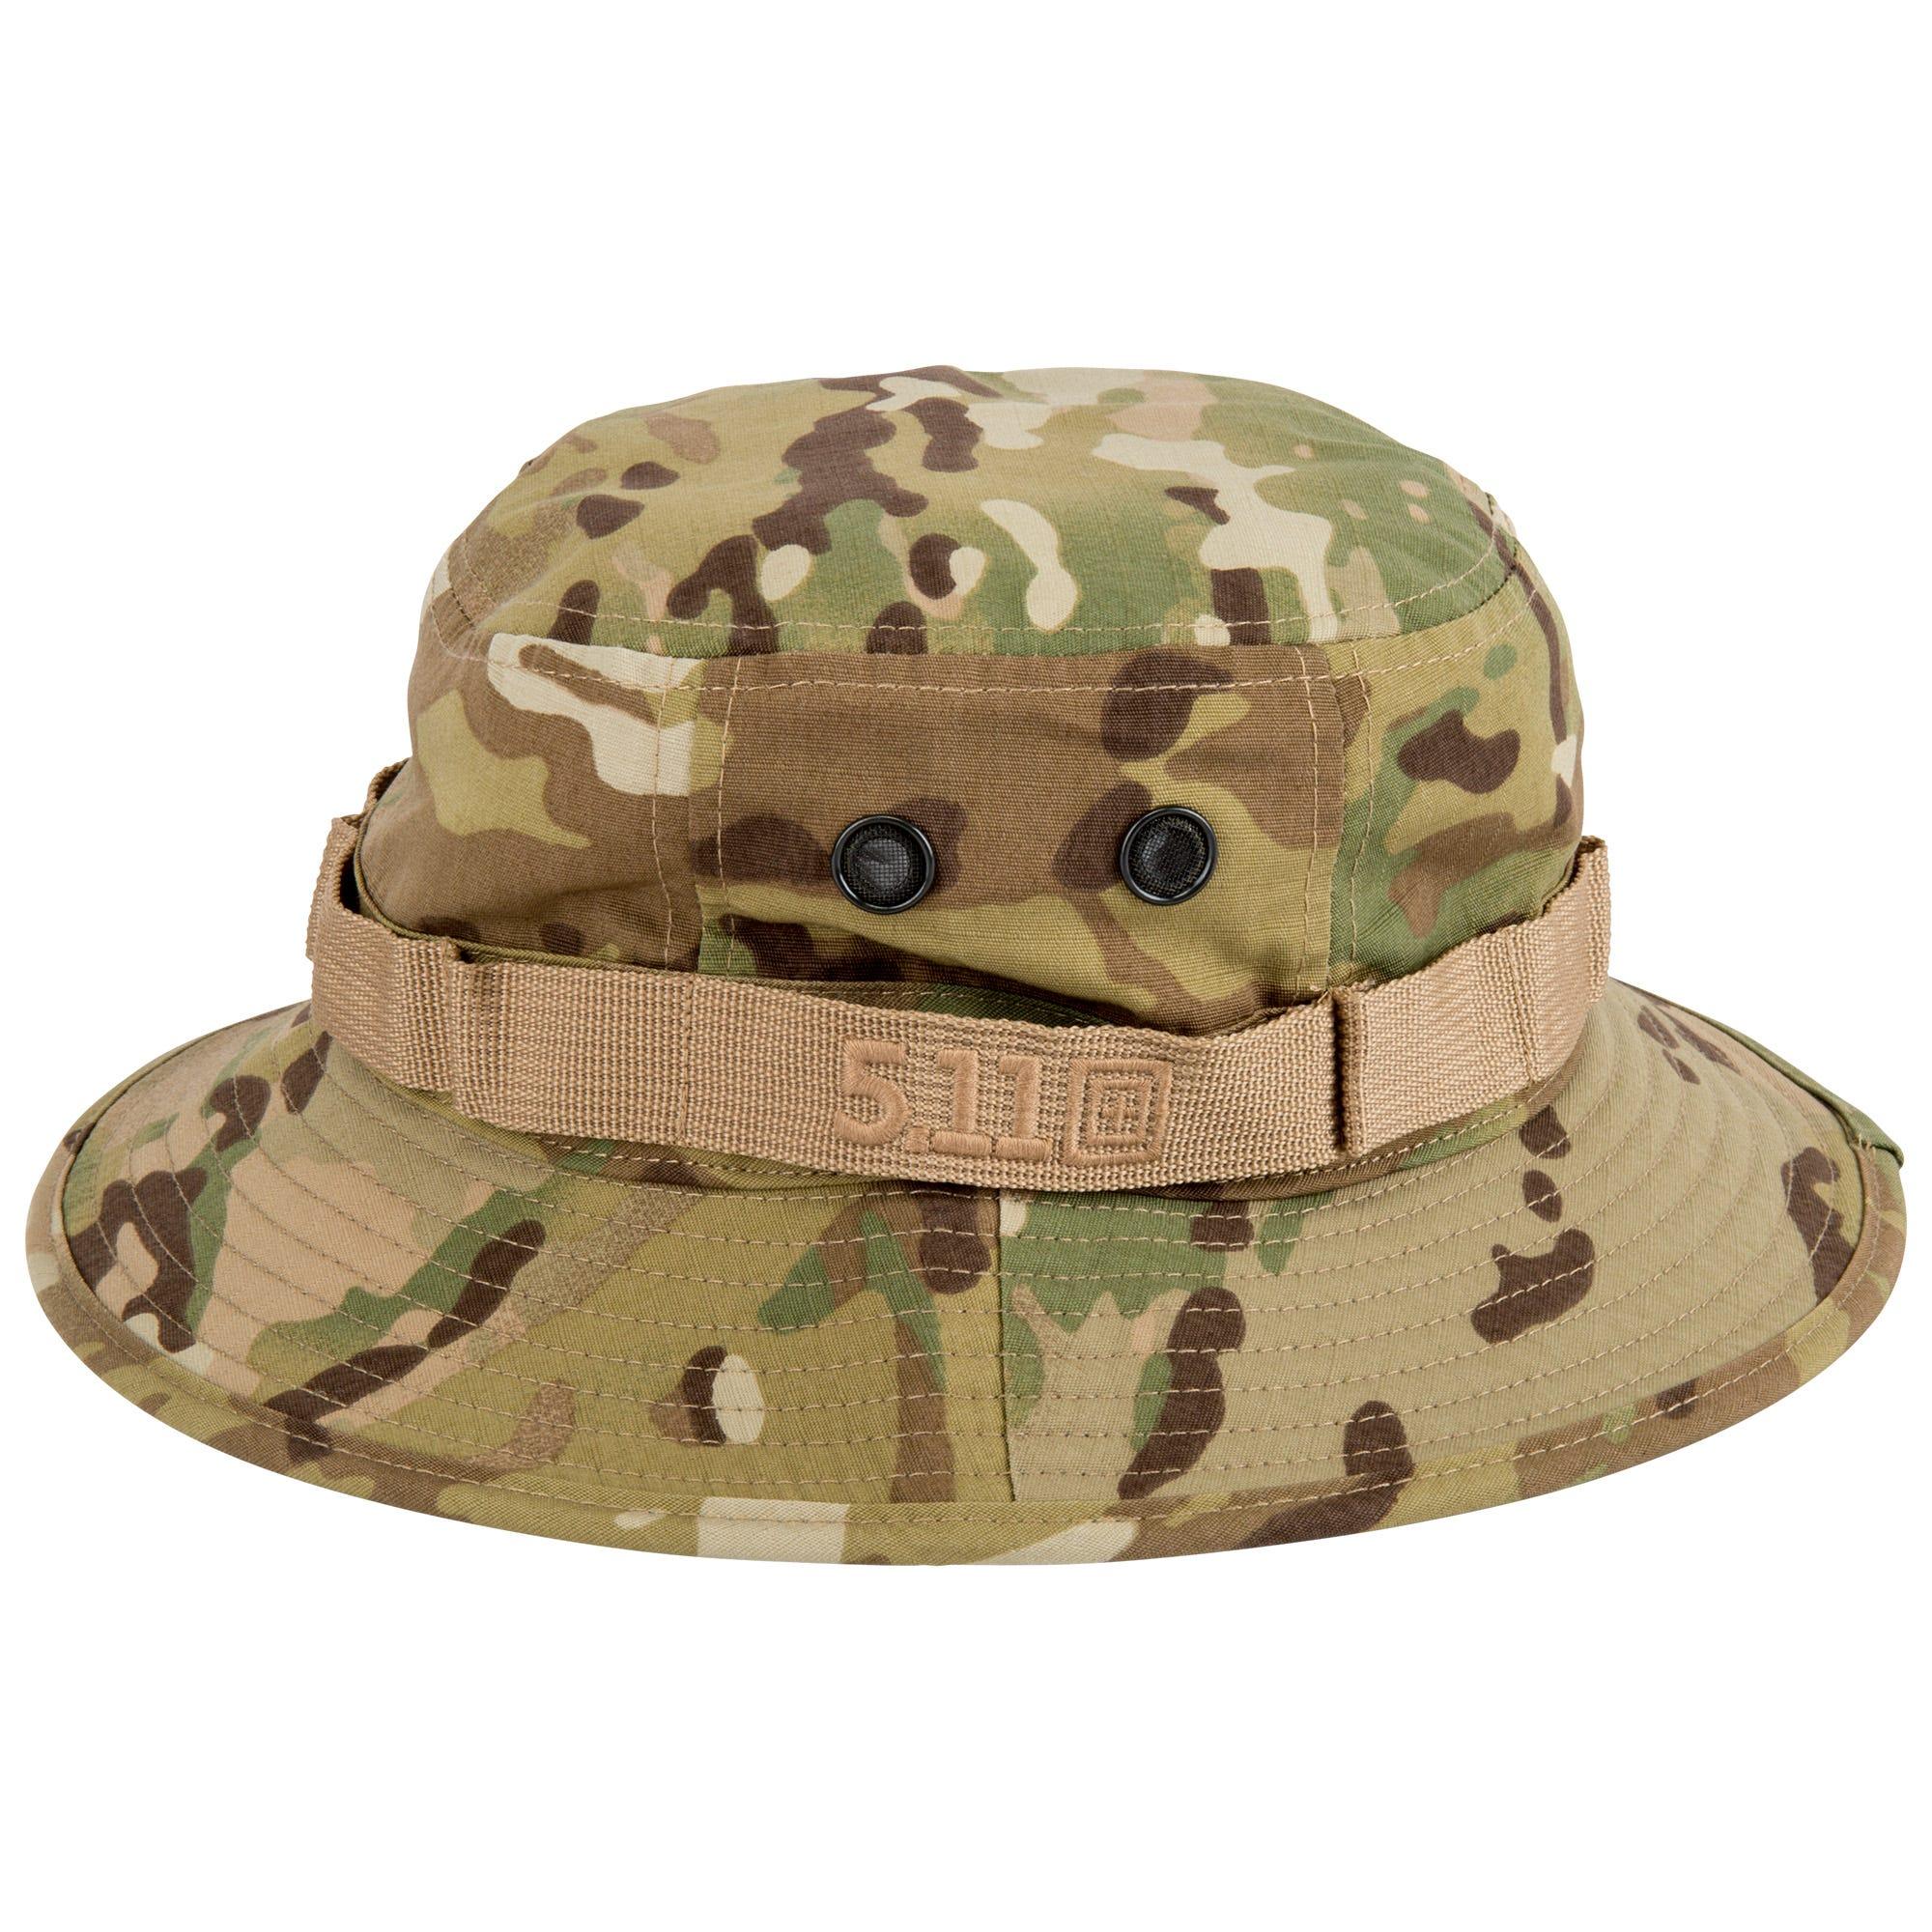 5.11 Tactical Men's 5.11 MultiCam Boonie Hat (Camo;Multi) thumbnail